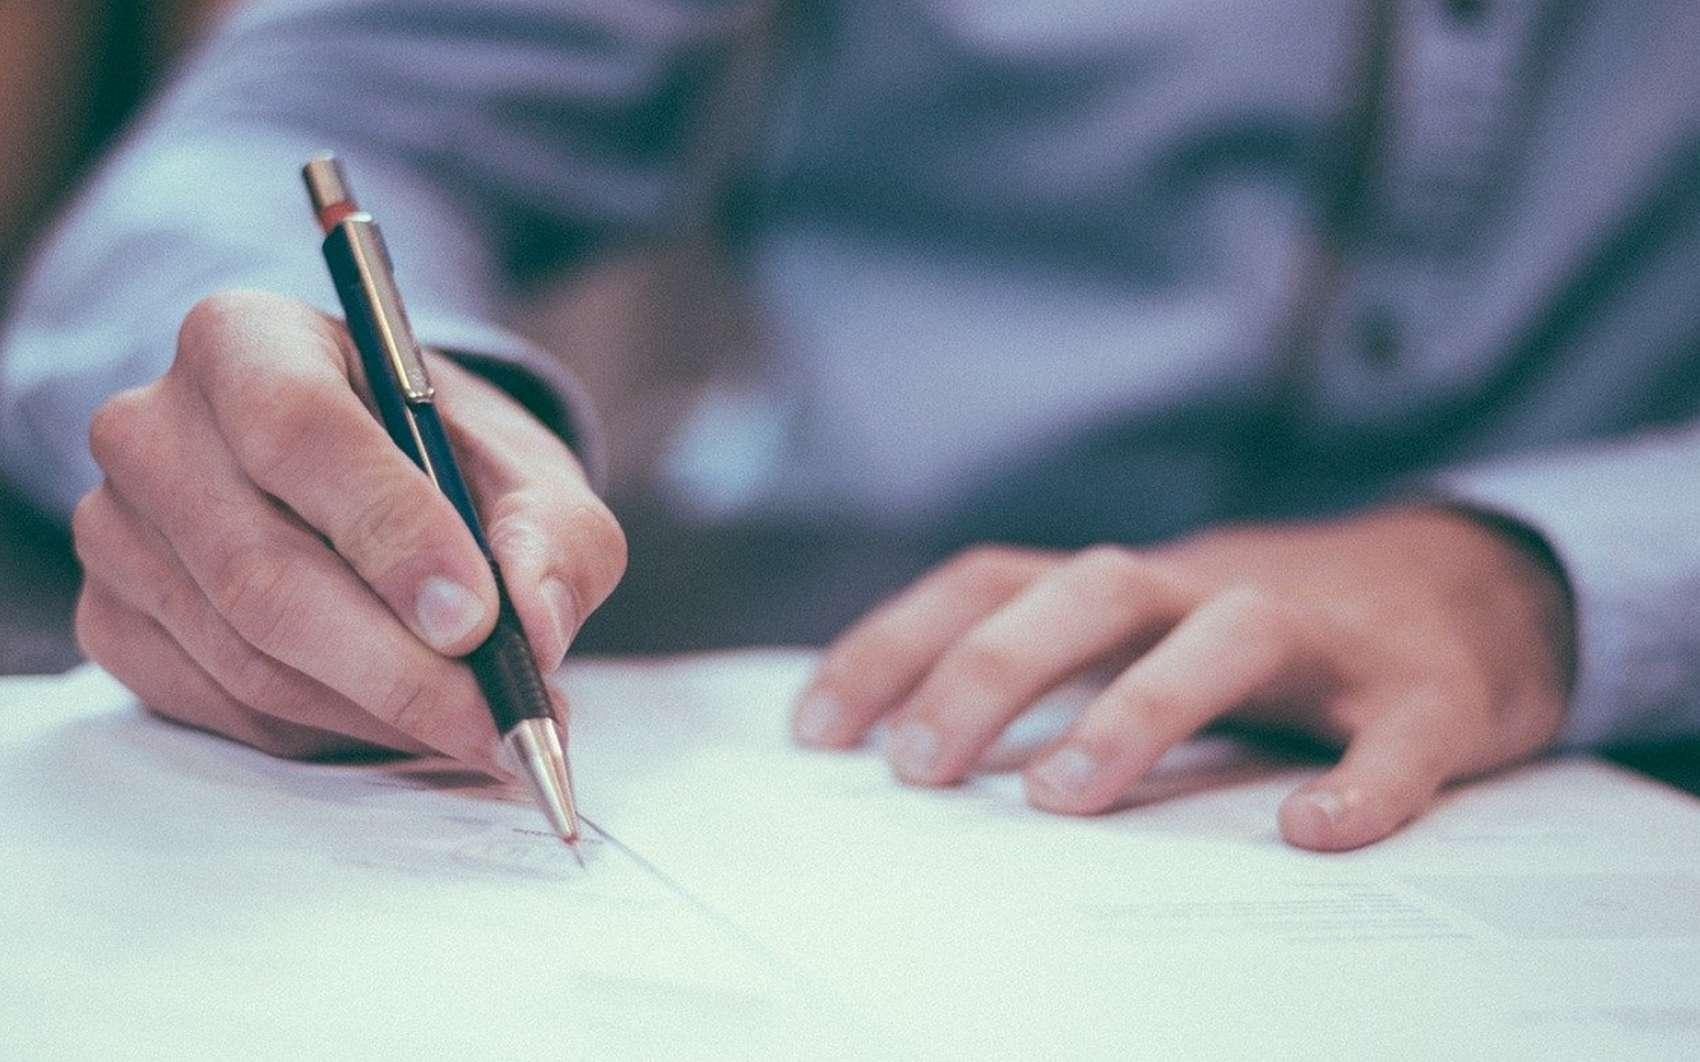 Comment rédiger sa lettre de motivation pour parcoursup ? © Free-Photos, Pixabay